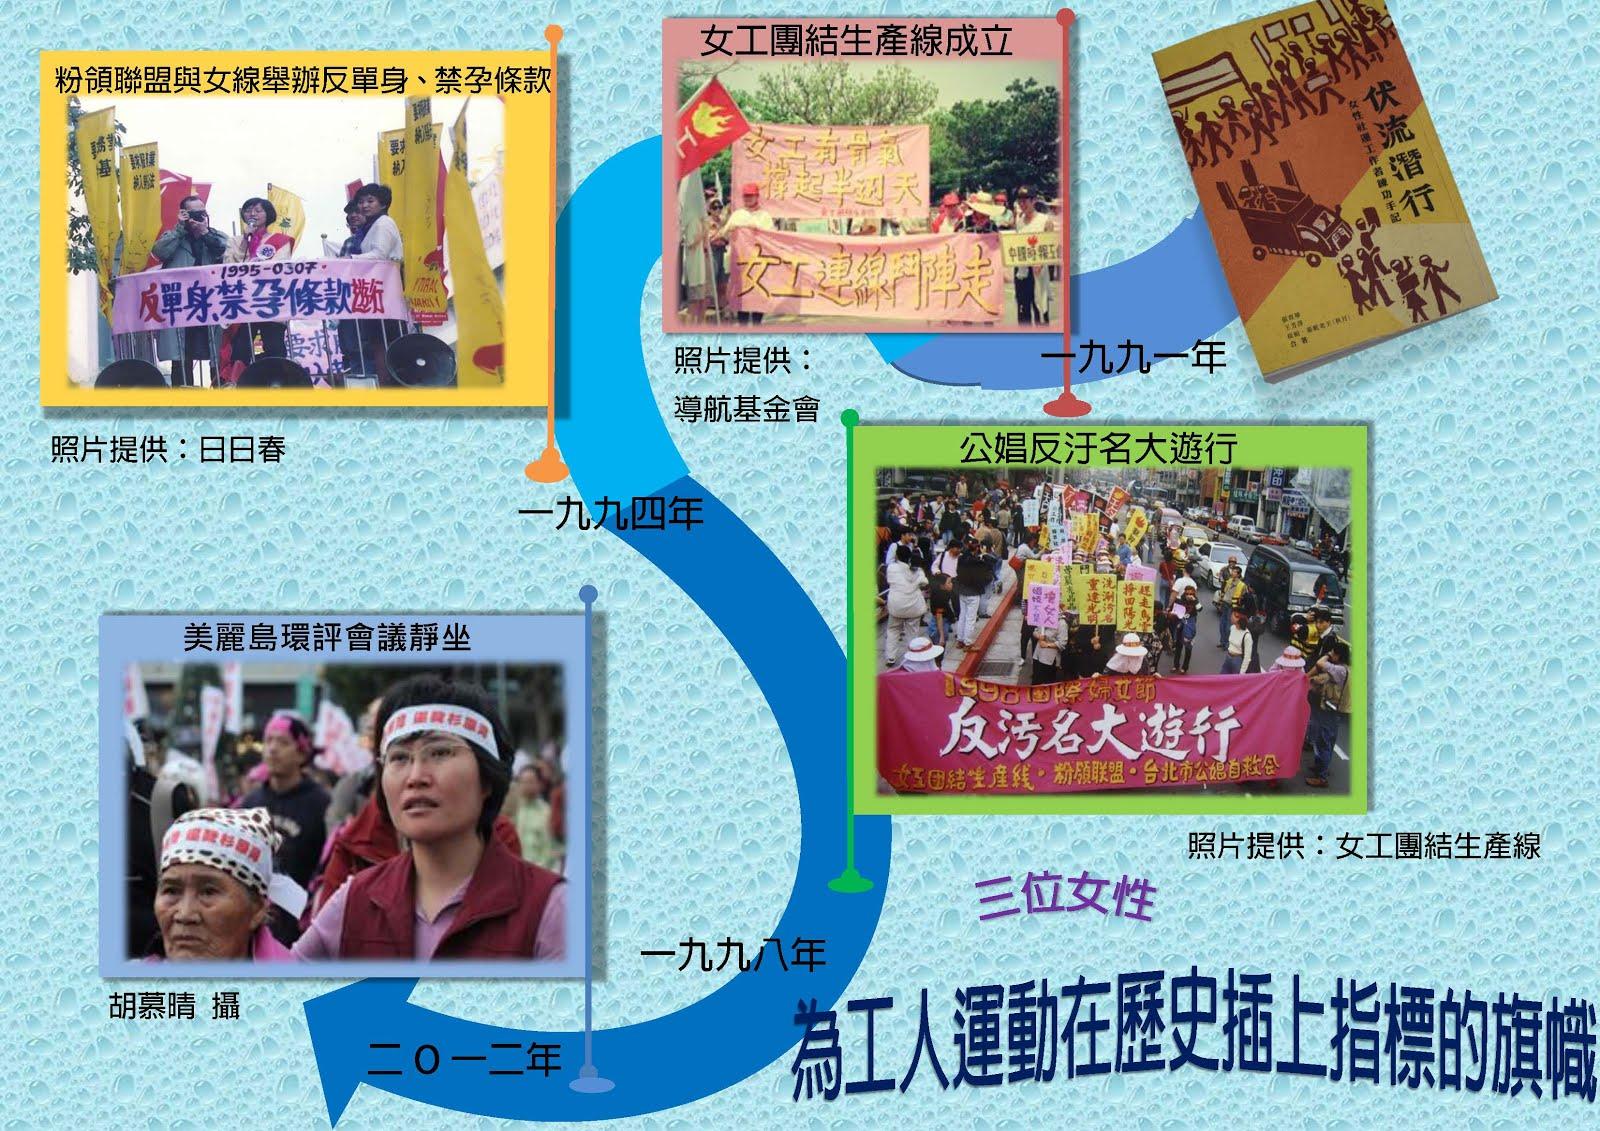 《伏流潛行:女性社運工作者練功手記》描述三位作者從事工人運動的歷程,從她們的故事中,也能一窺台灣歷史上各階段工人運動的樣貌。